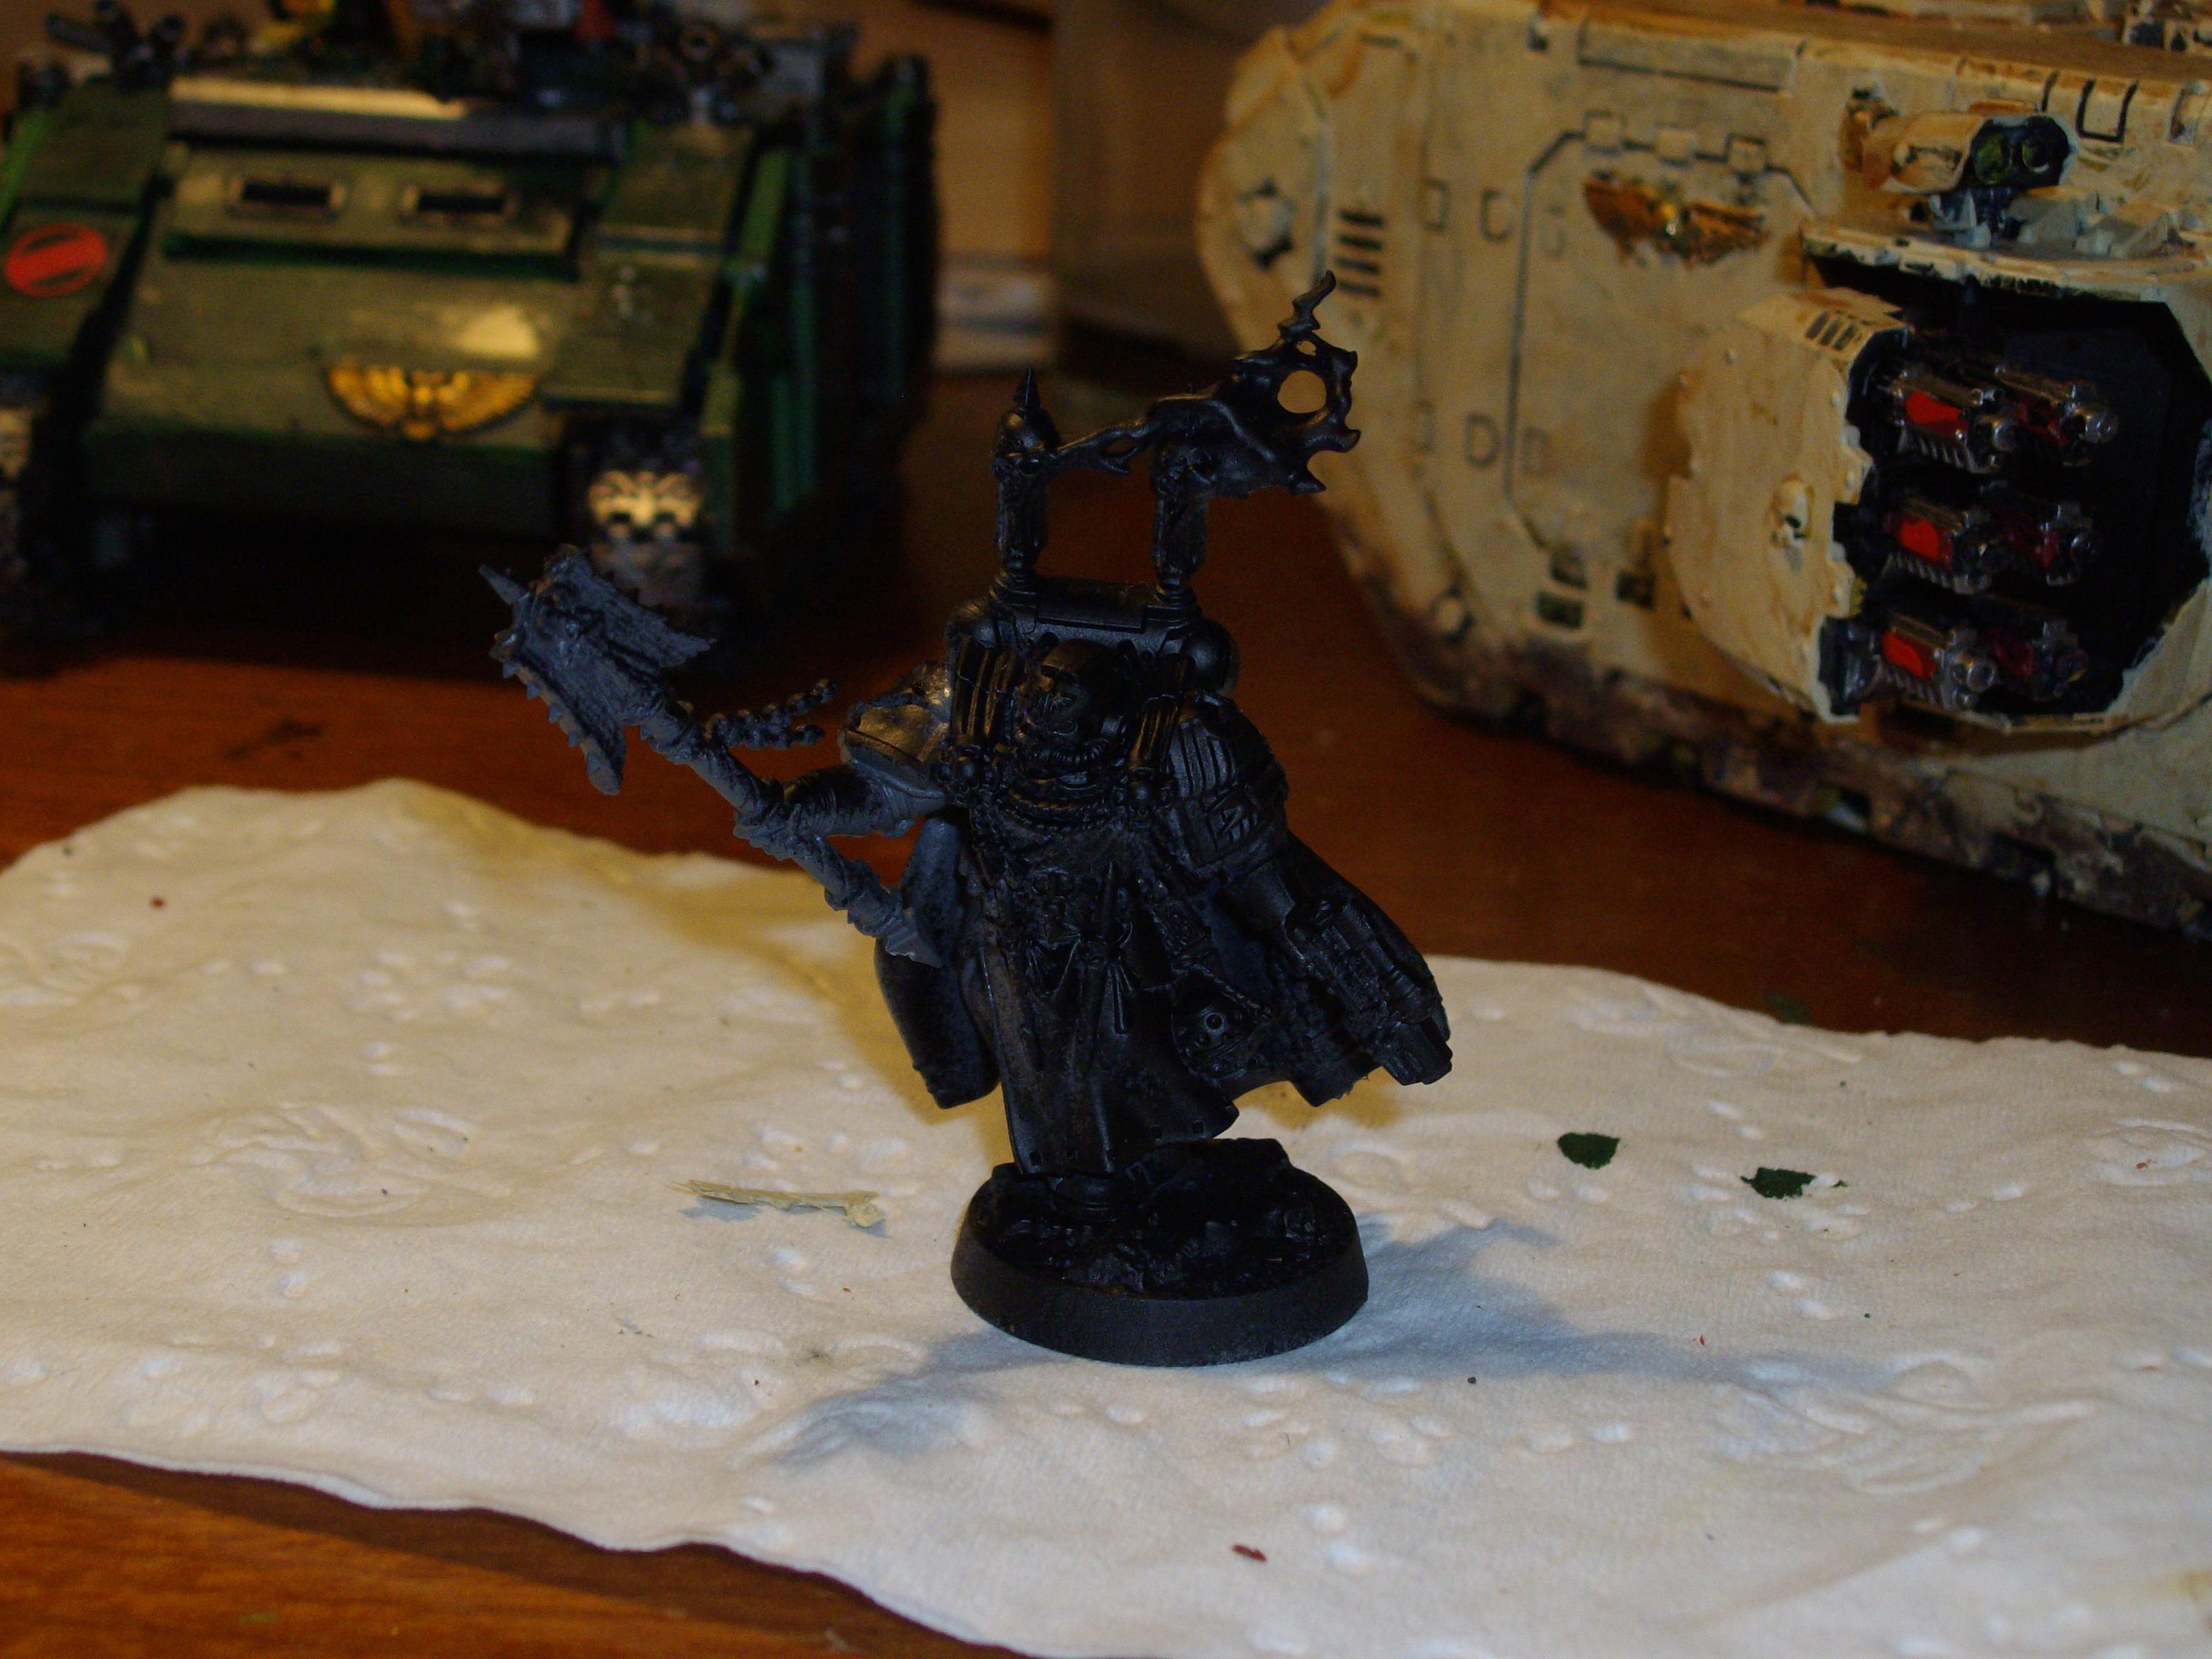 Chaplain, Dark Vengance, Exclusive, Work In Progress